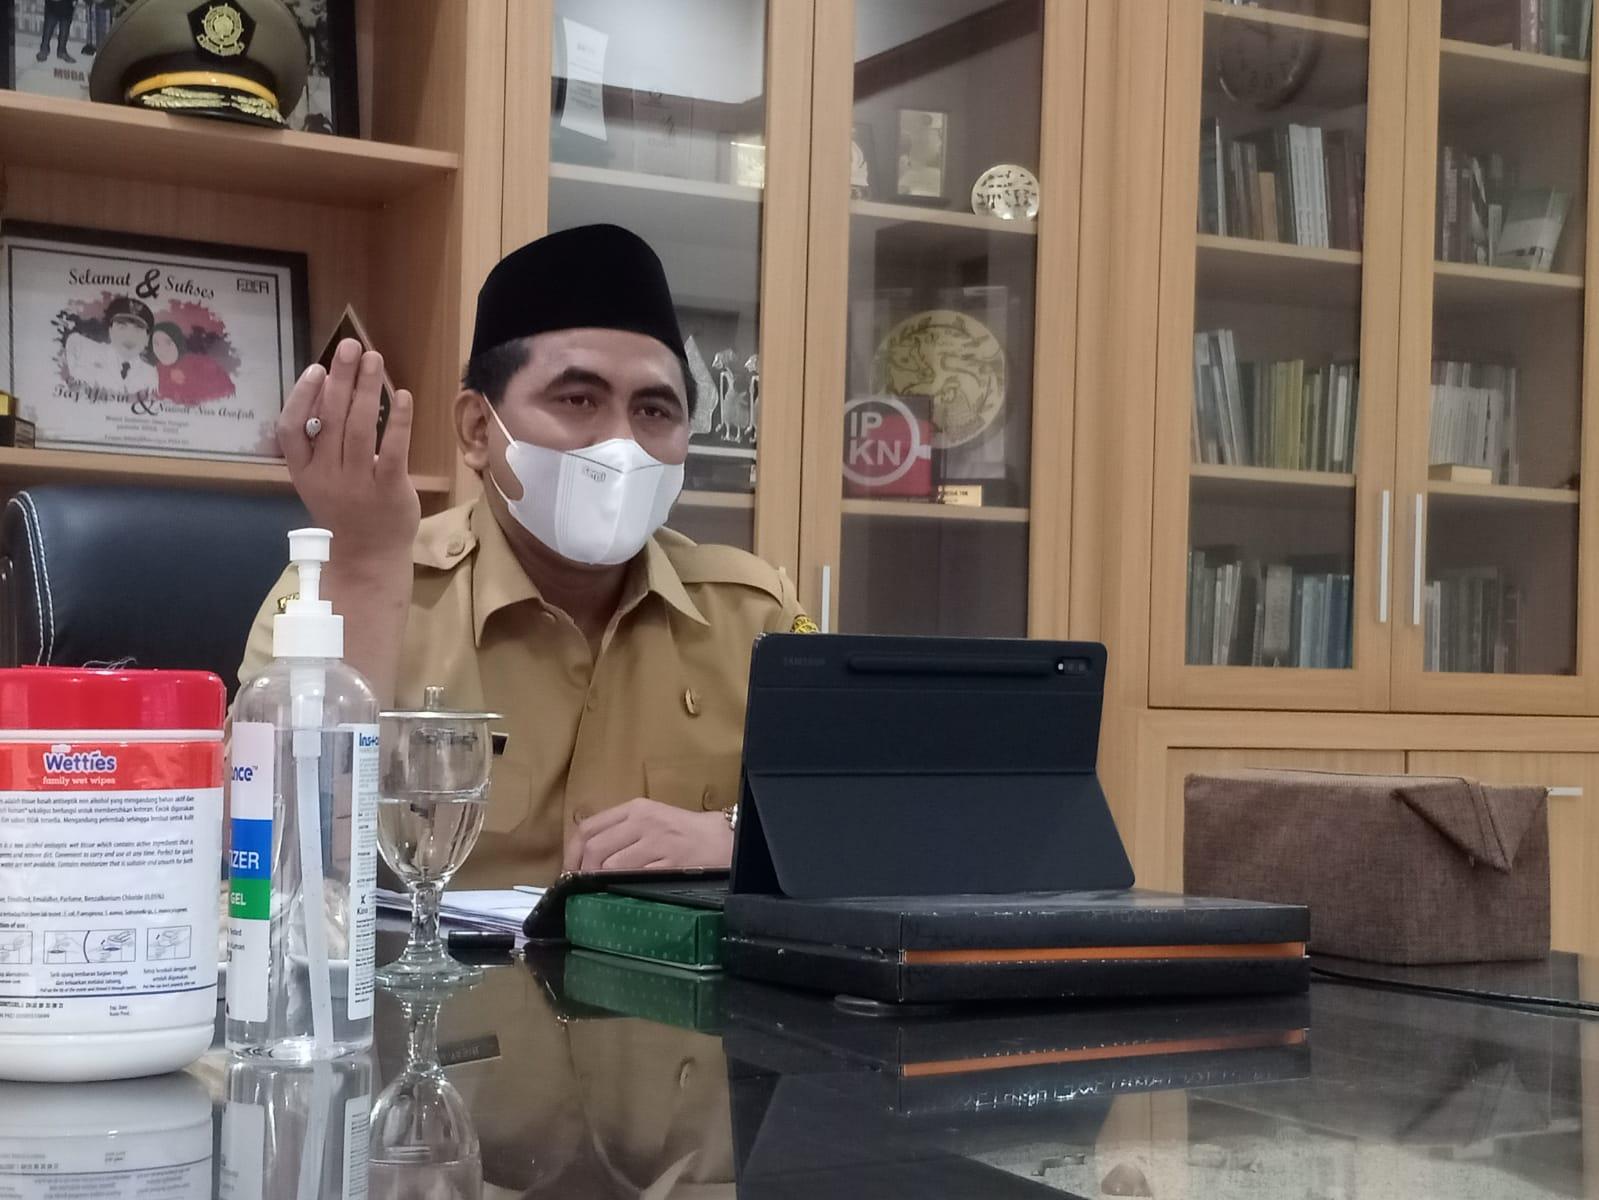 Wagub Jateng saat melakukan rapat penanggulangan Covid-19 secara virtual/Rezanda Akbar D. Lingkar.co